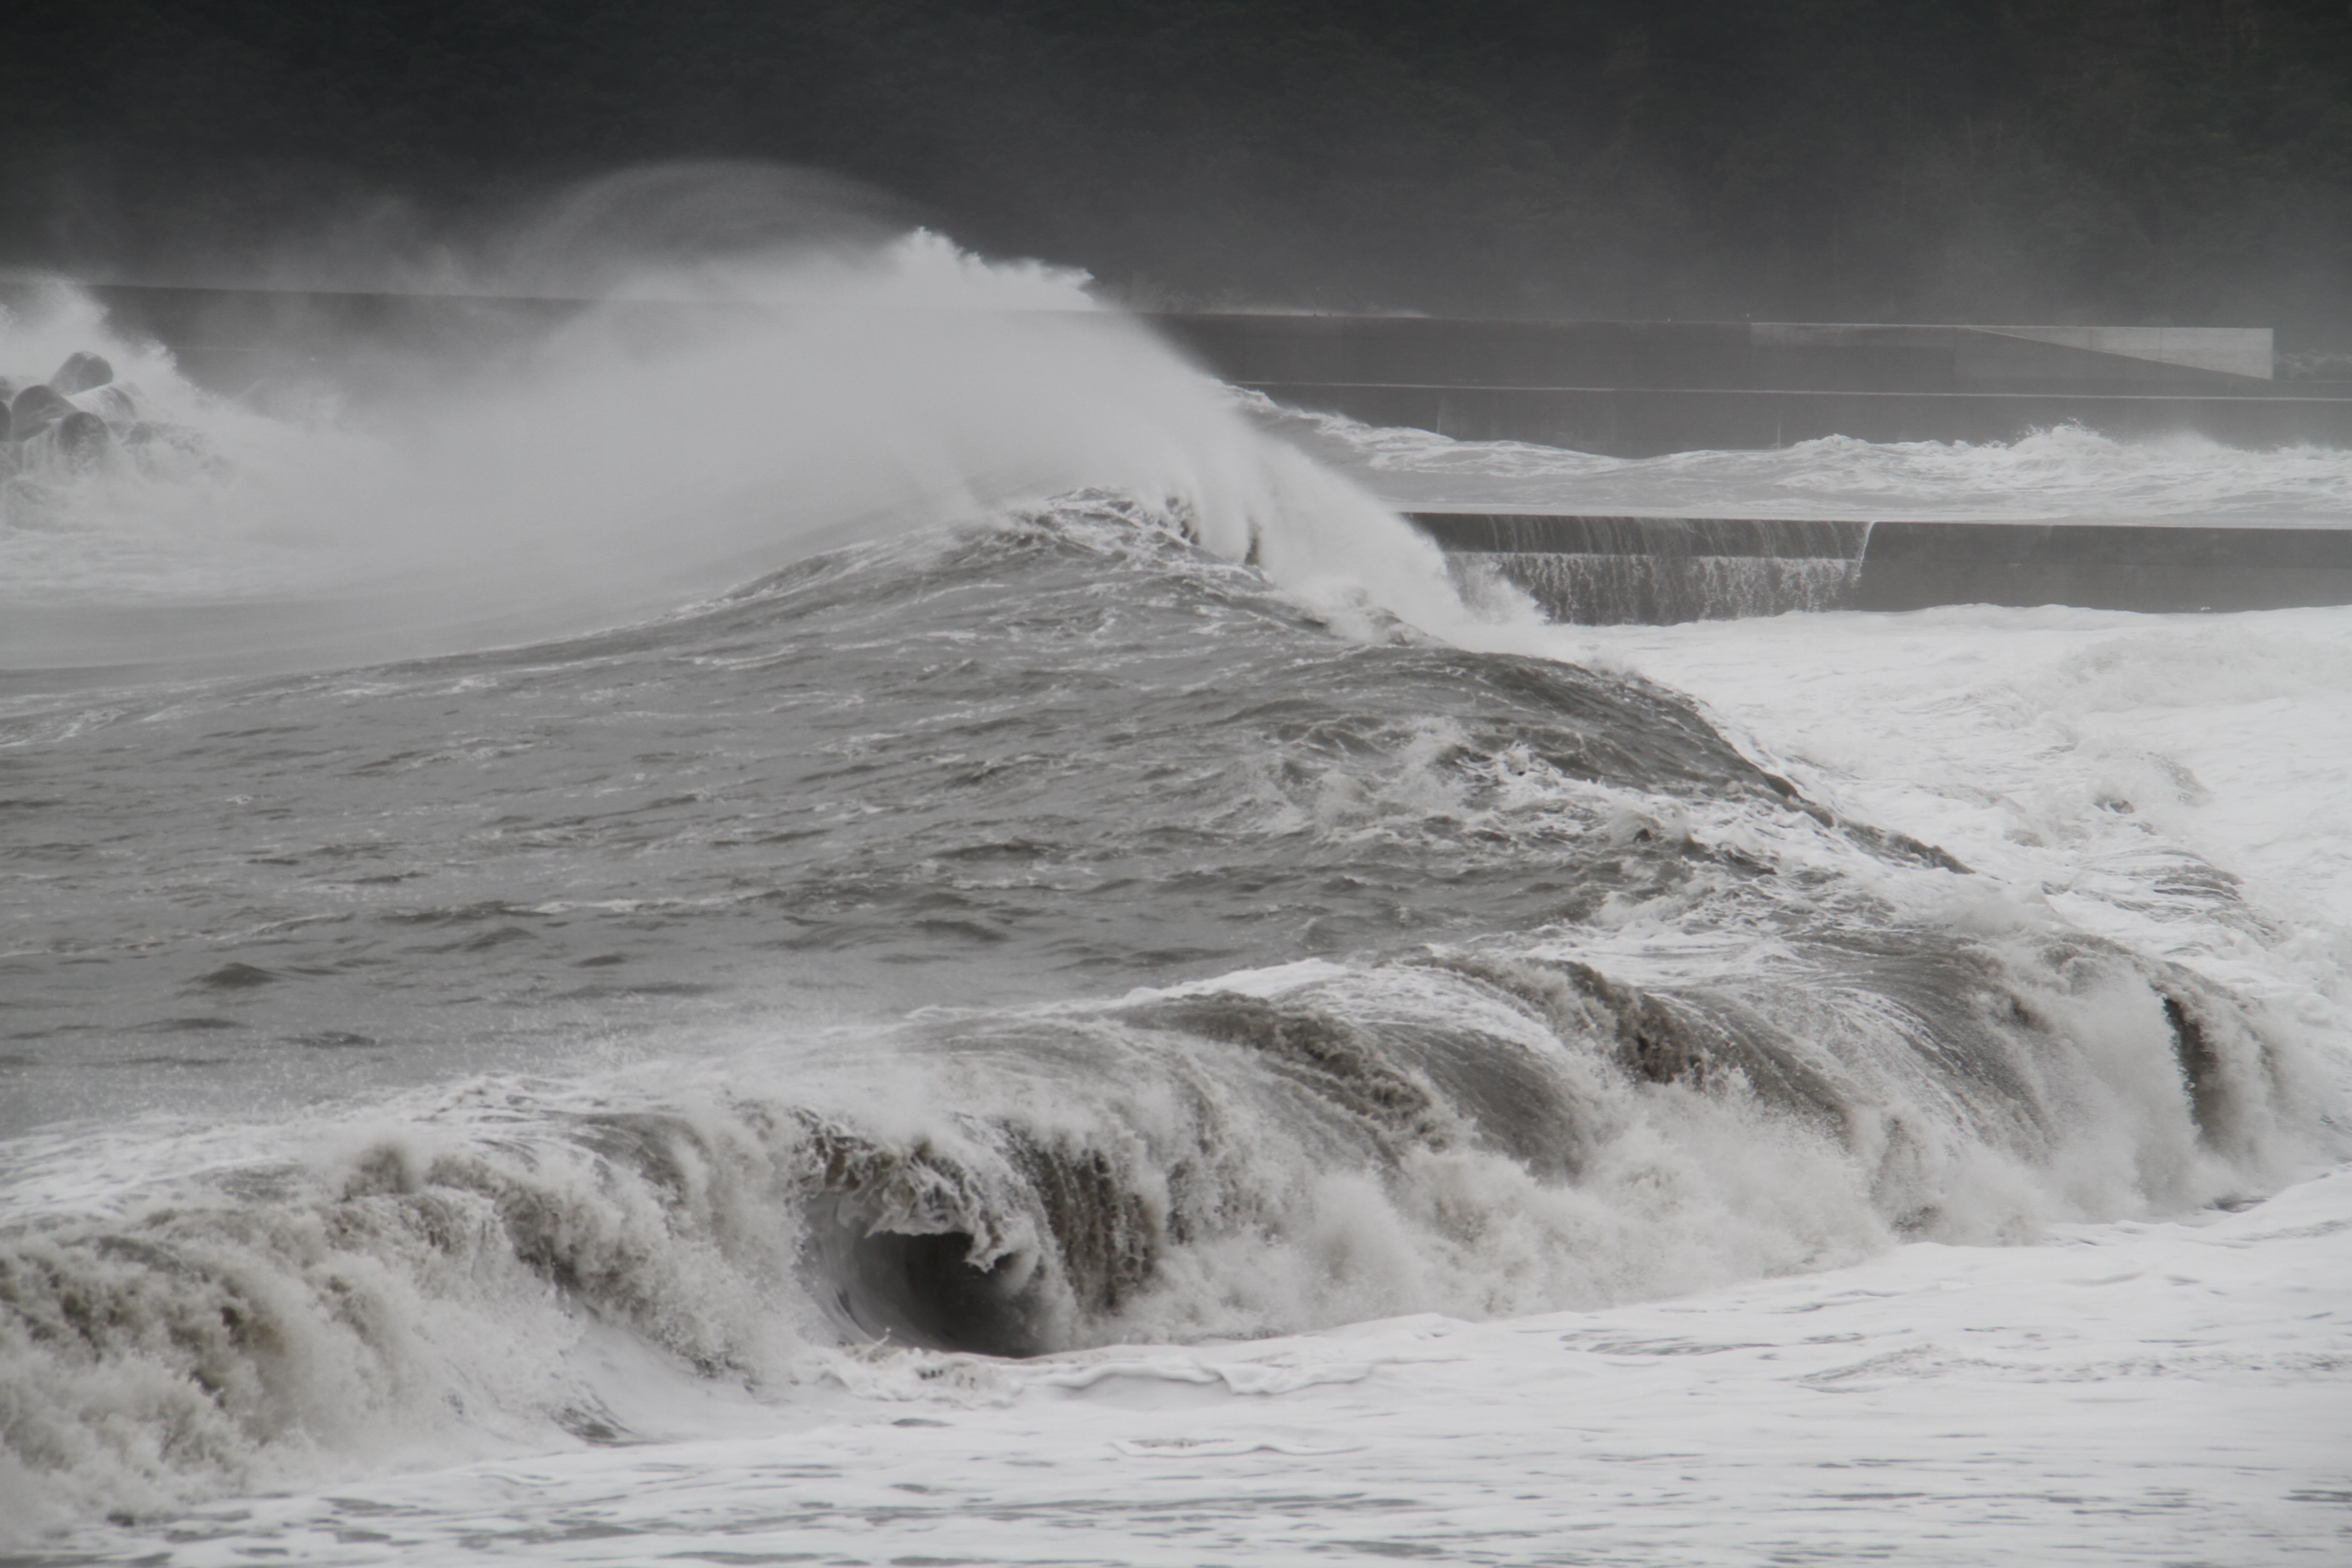 四万十の宿みんなのブログ: 暴風...